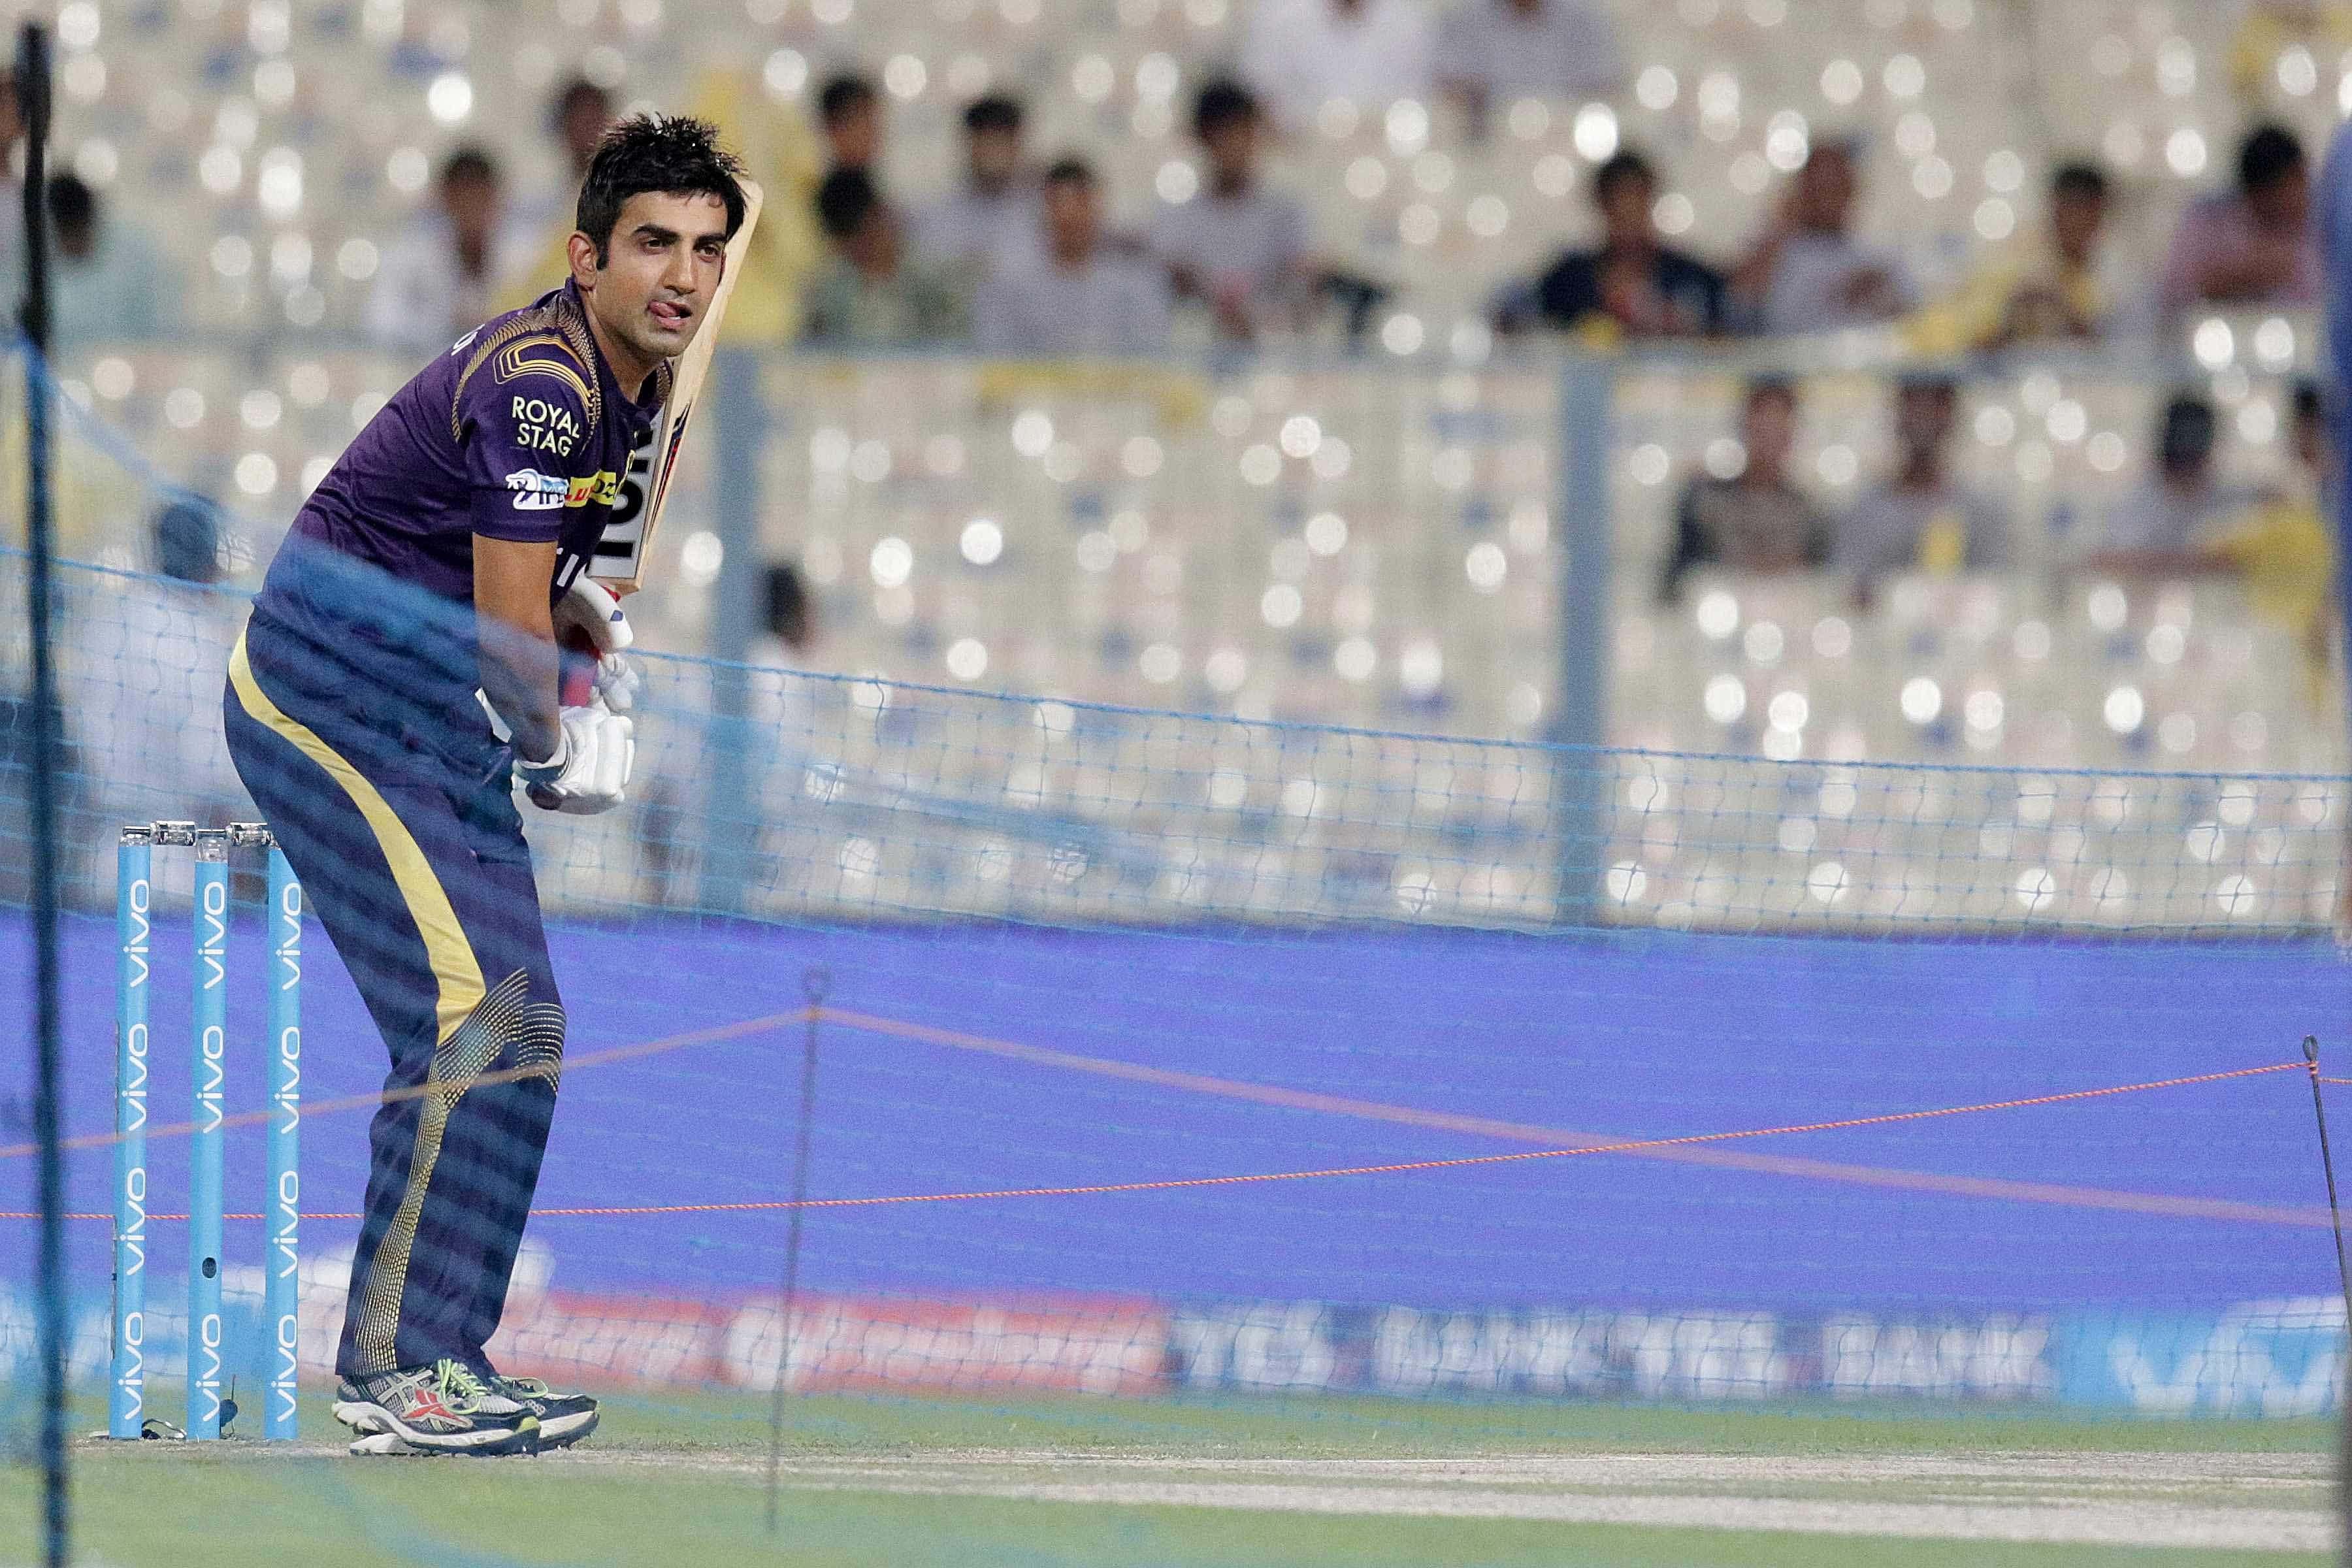 भारतीय टीम गौतम गंभीर की कप्तानी में कभी मैच नहीं हारी. उन्होंने टीम इंडिया की कप्तानी 6 वनडे मैचों में की और टीम इंडिया ने ये सभी मैच जीते थे.(Photo: PTI)